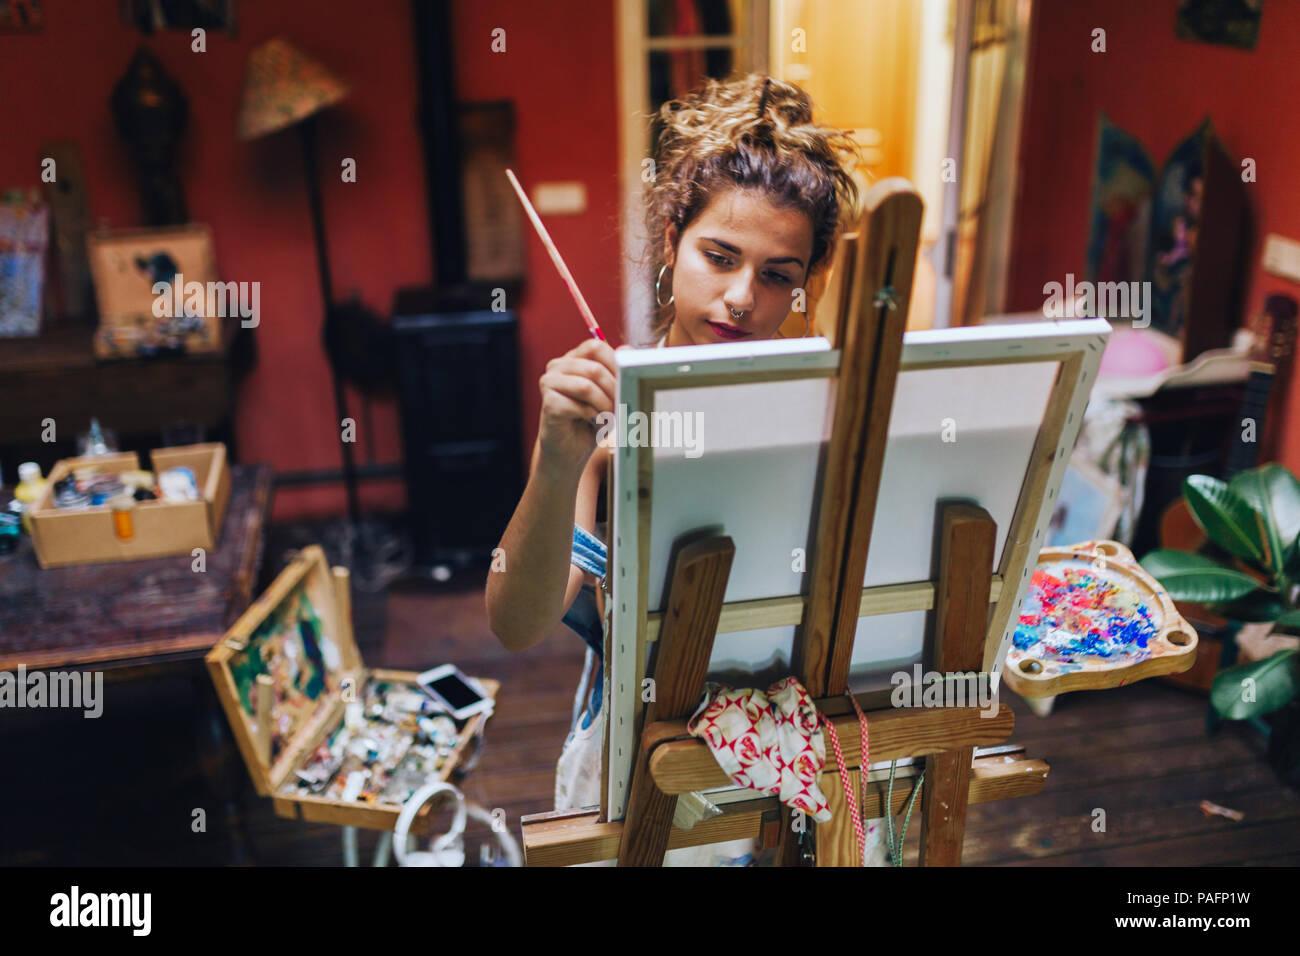 Filmación de interiores profesional de artista femenina de la pintura sobre lienzo en estudio con plantas. Imagen De Stock